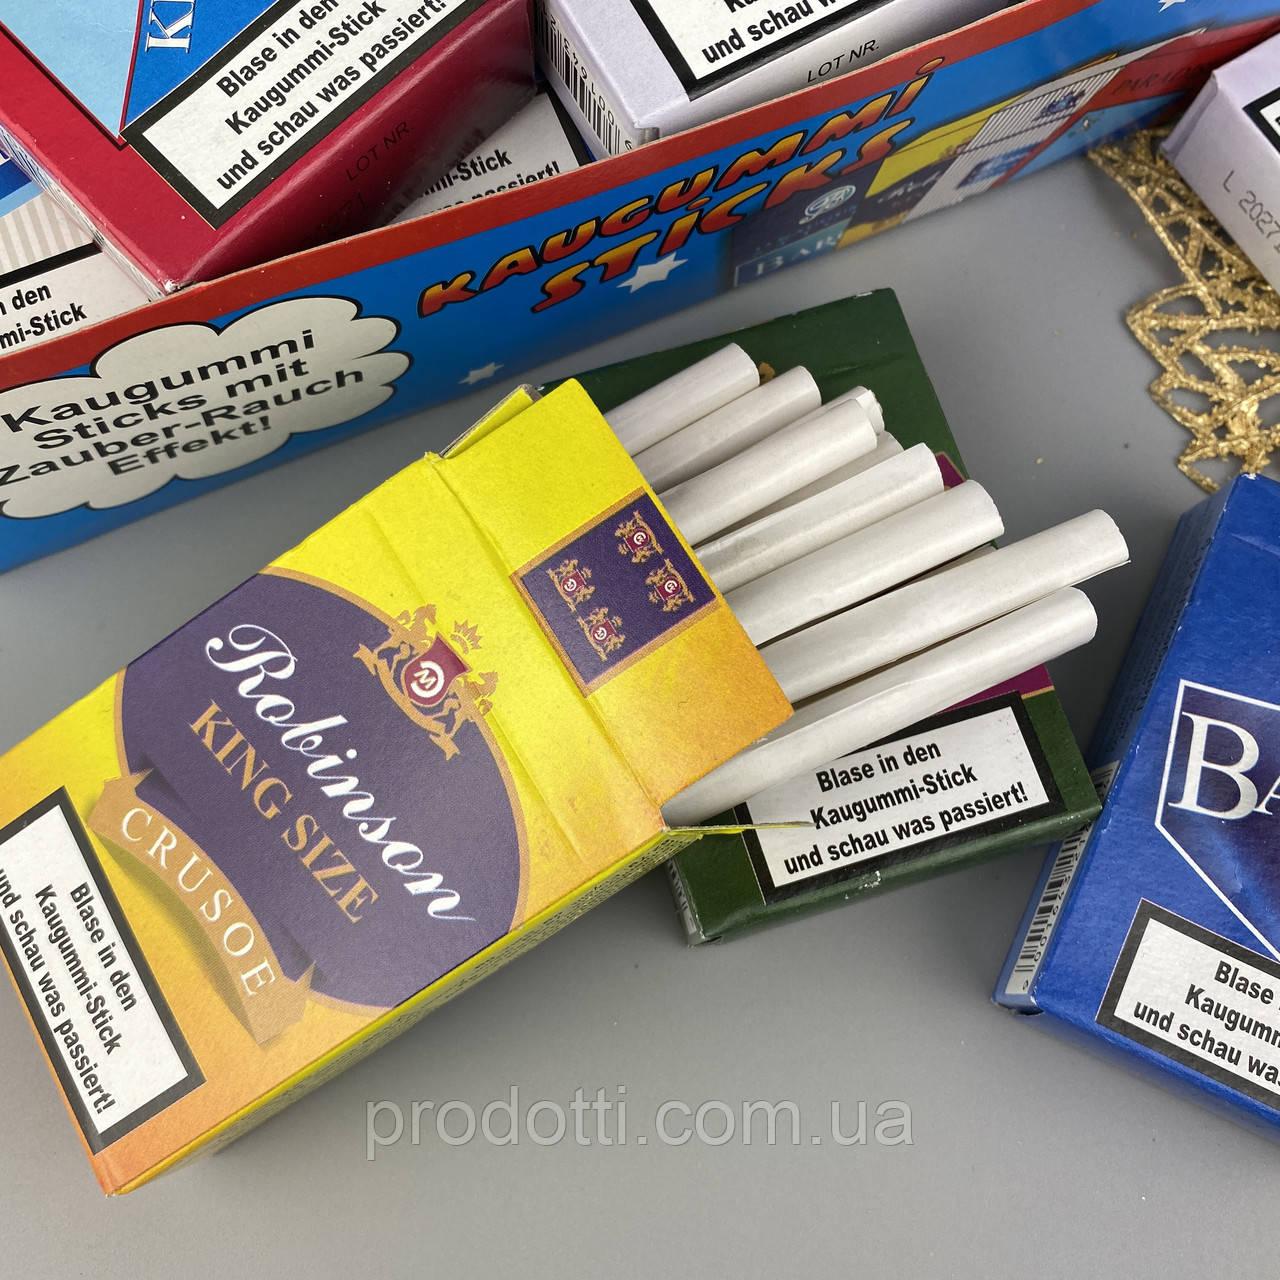 Сигареты конфеты купить белорусские сигареты купить в санкт